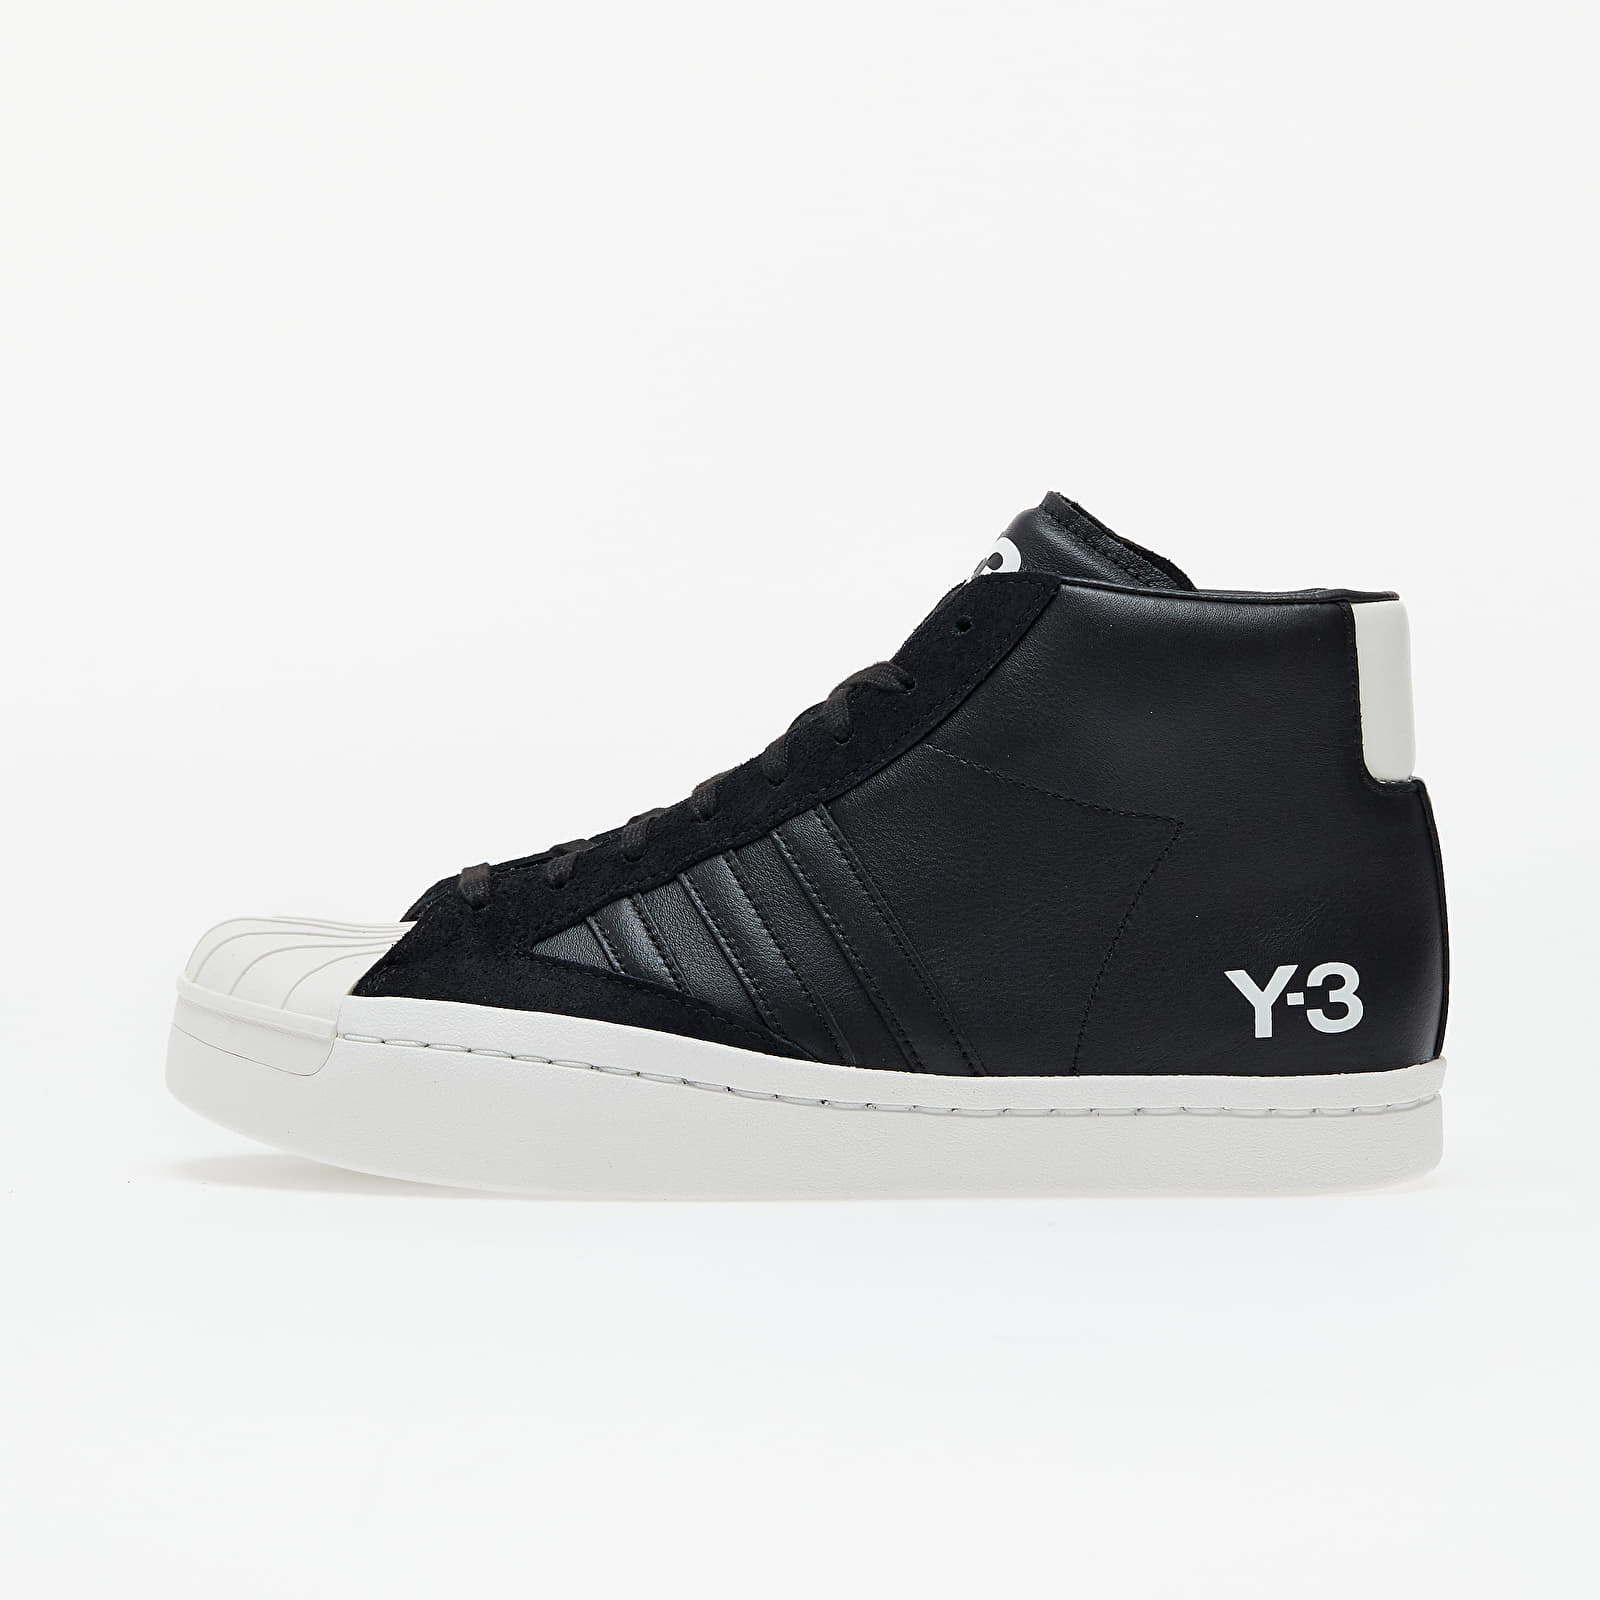 Y-3 Yohji Pro Black/ Black/ Core White H02576